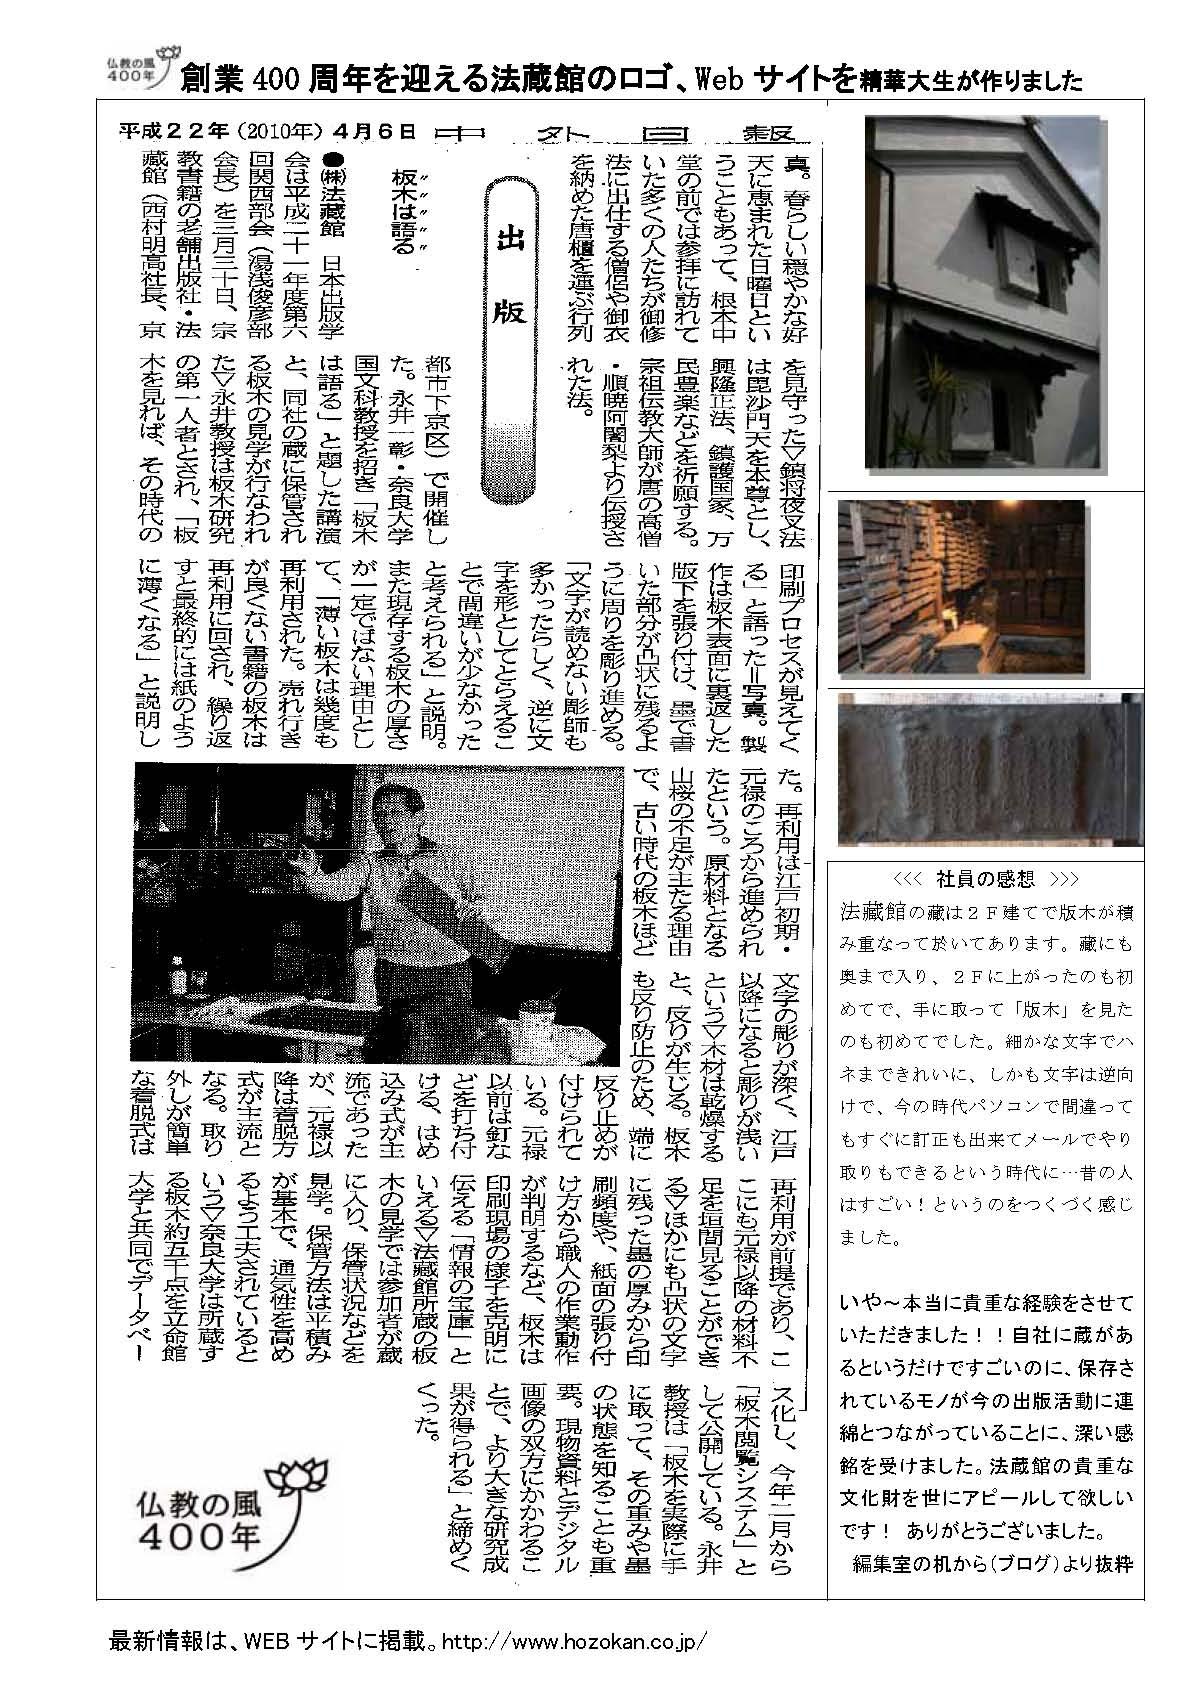 2010年4月6日中外日報社記事『板木は語る』